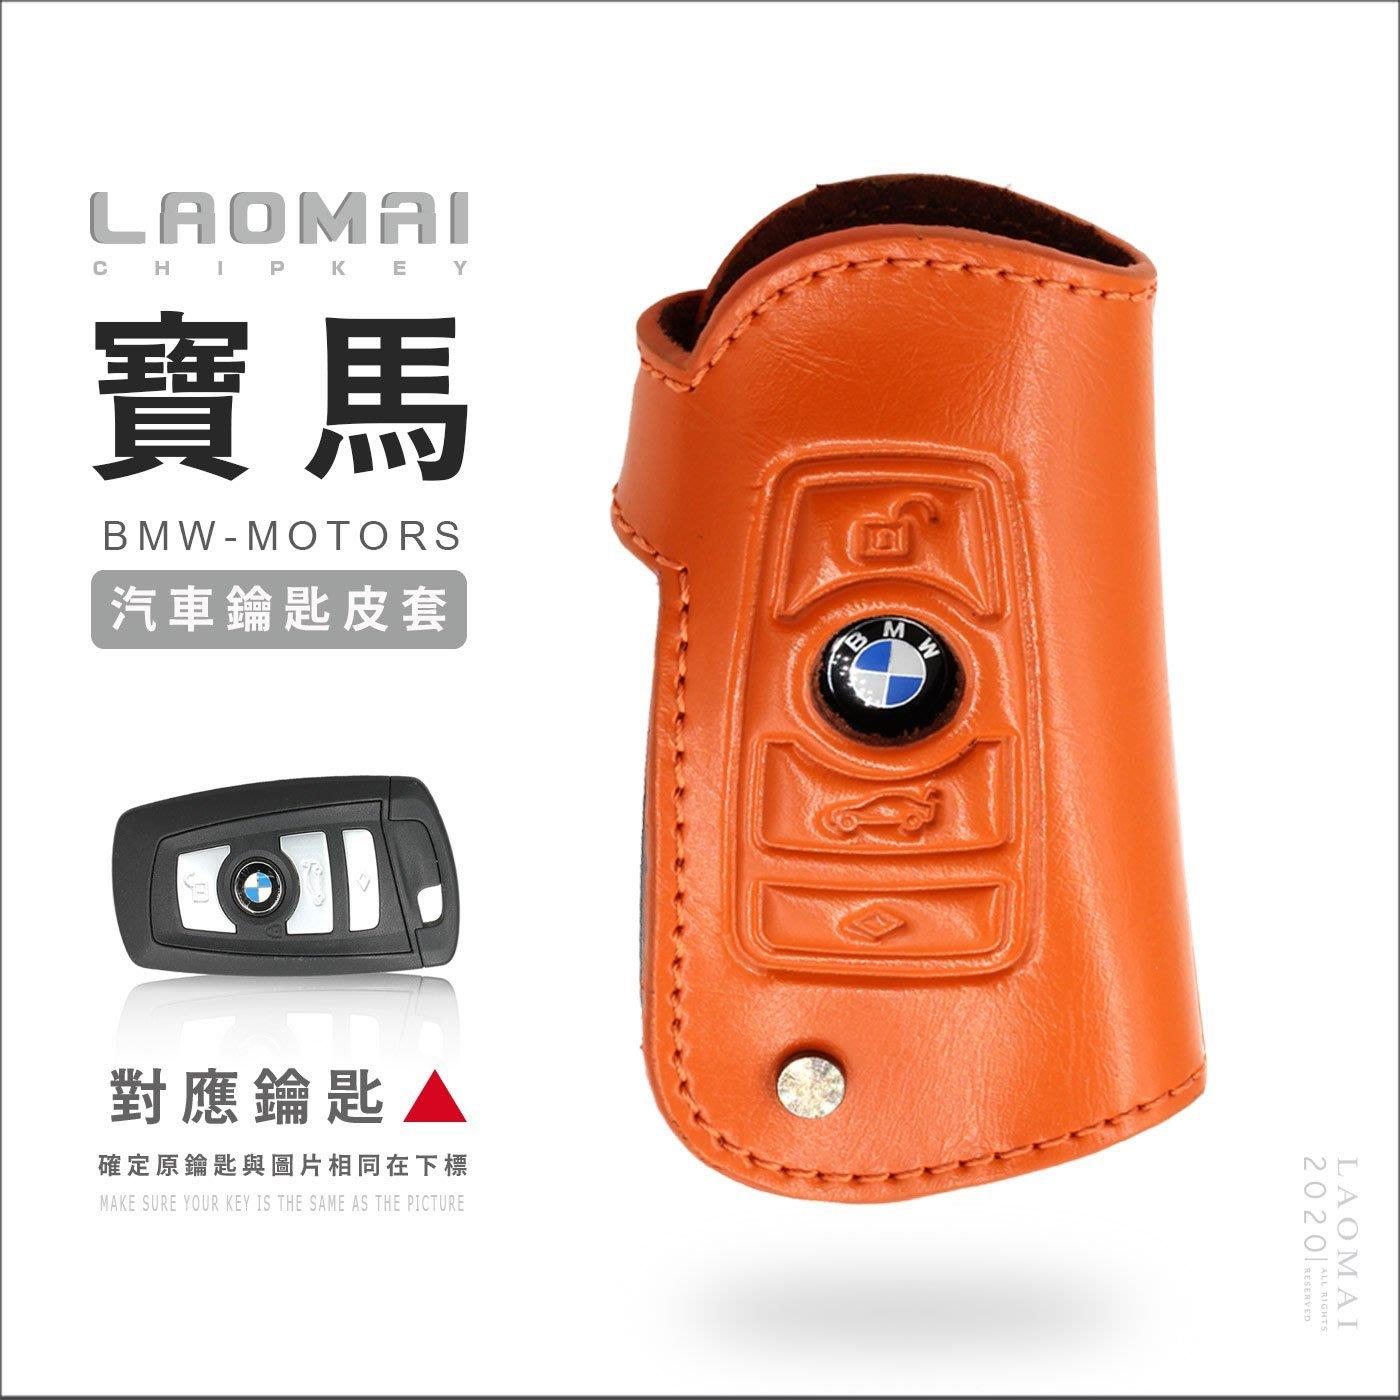 BMW F01 F31 F34 F26 F80 F07 F10 F20 X4X5X6 寶馬汽車 晶片 鑰匙皮套 鑰匙包